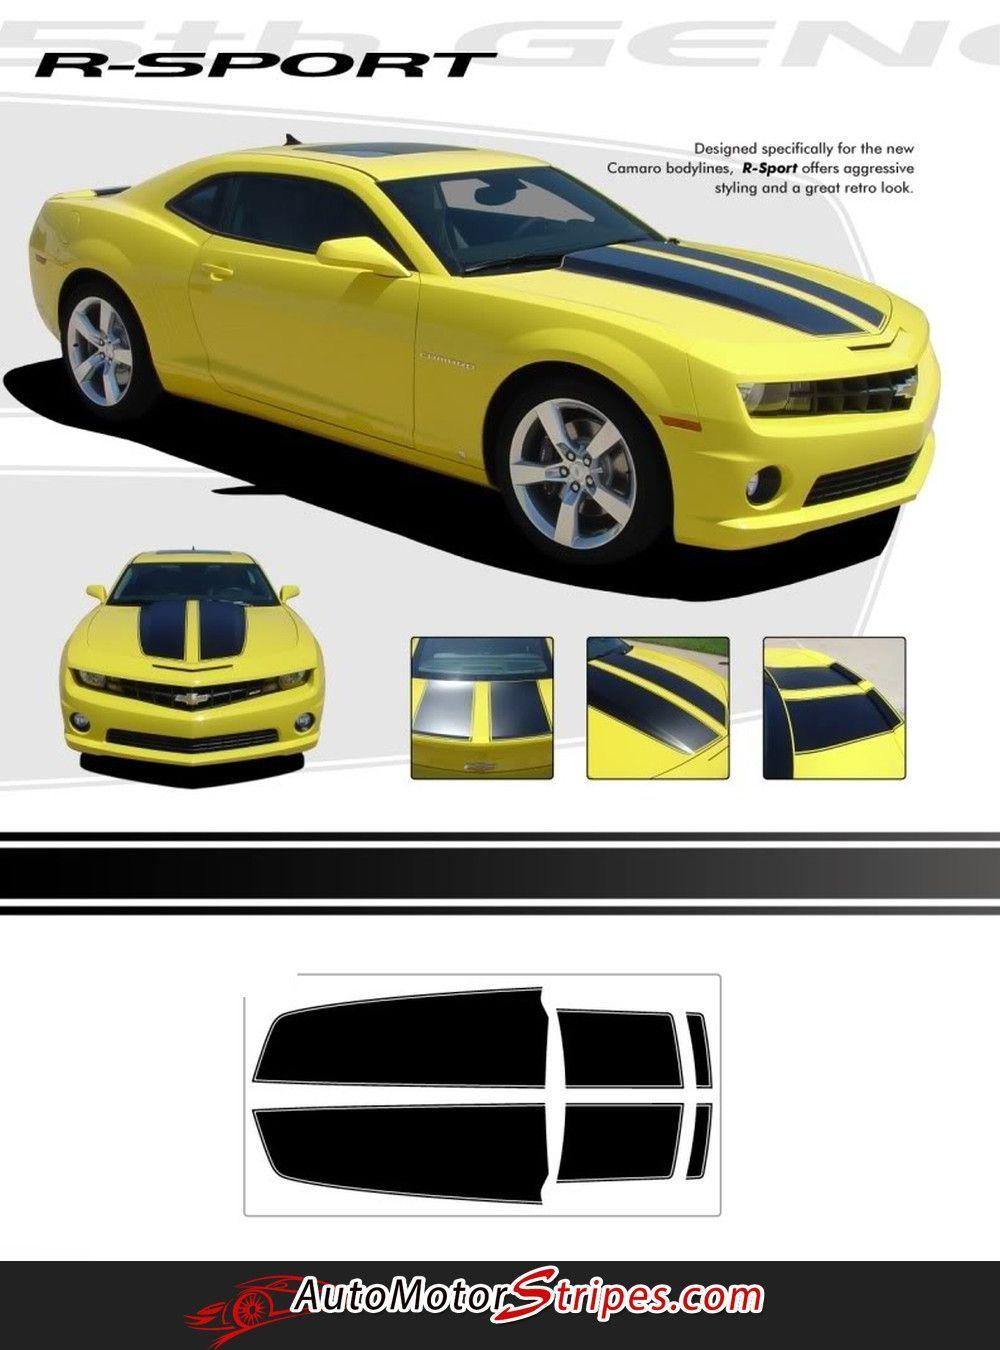 Pin On Chevy Camaro Stripes Camaro Vinyl Graphics Camaro Decals By Automotorstripes